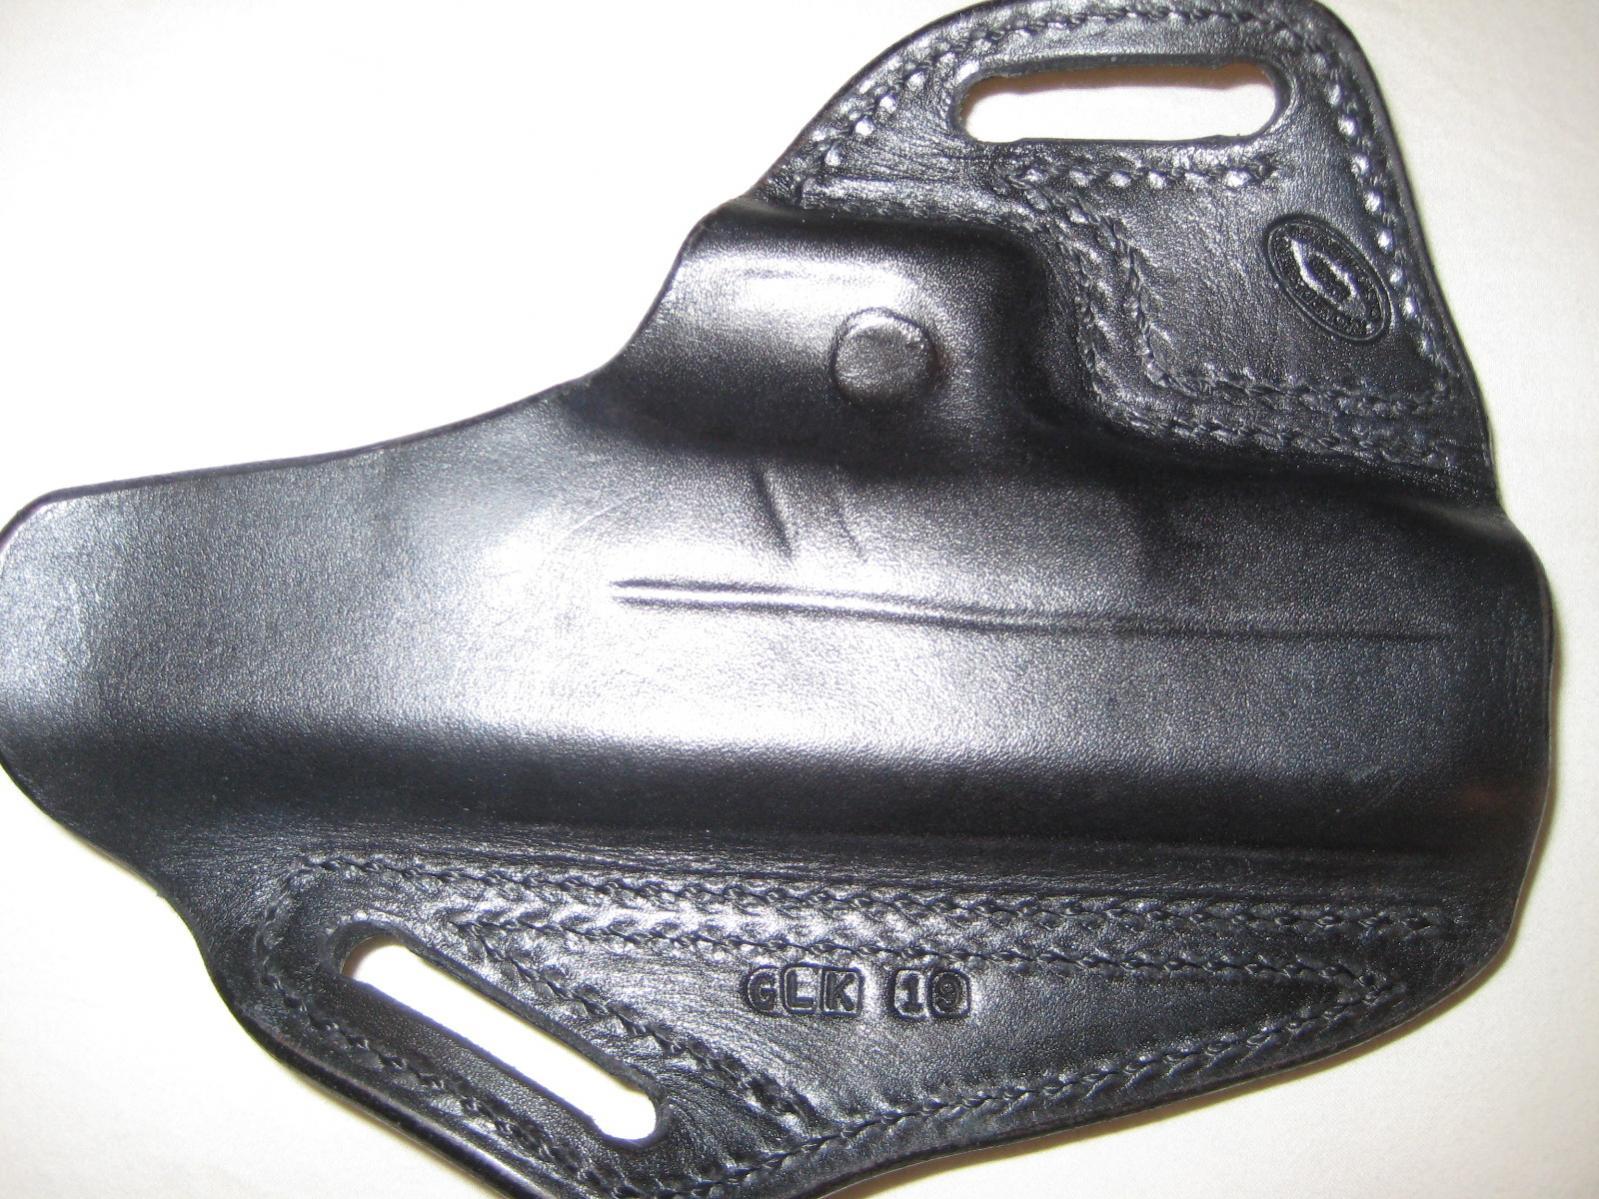 FS: Brommeland OWB Def Con Holster for Glock19-img_0364.jpg